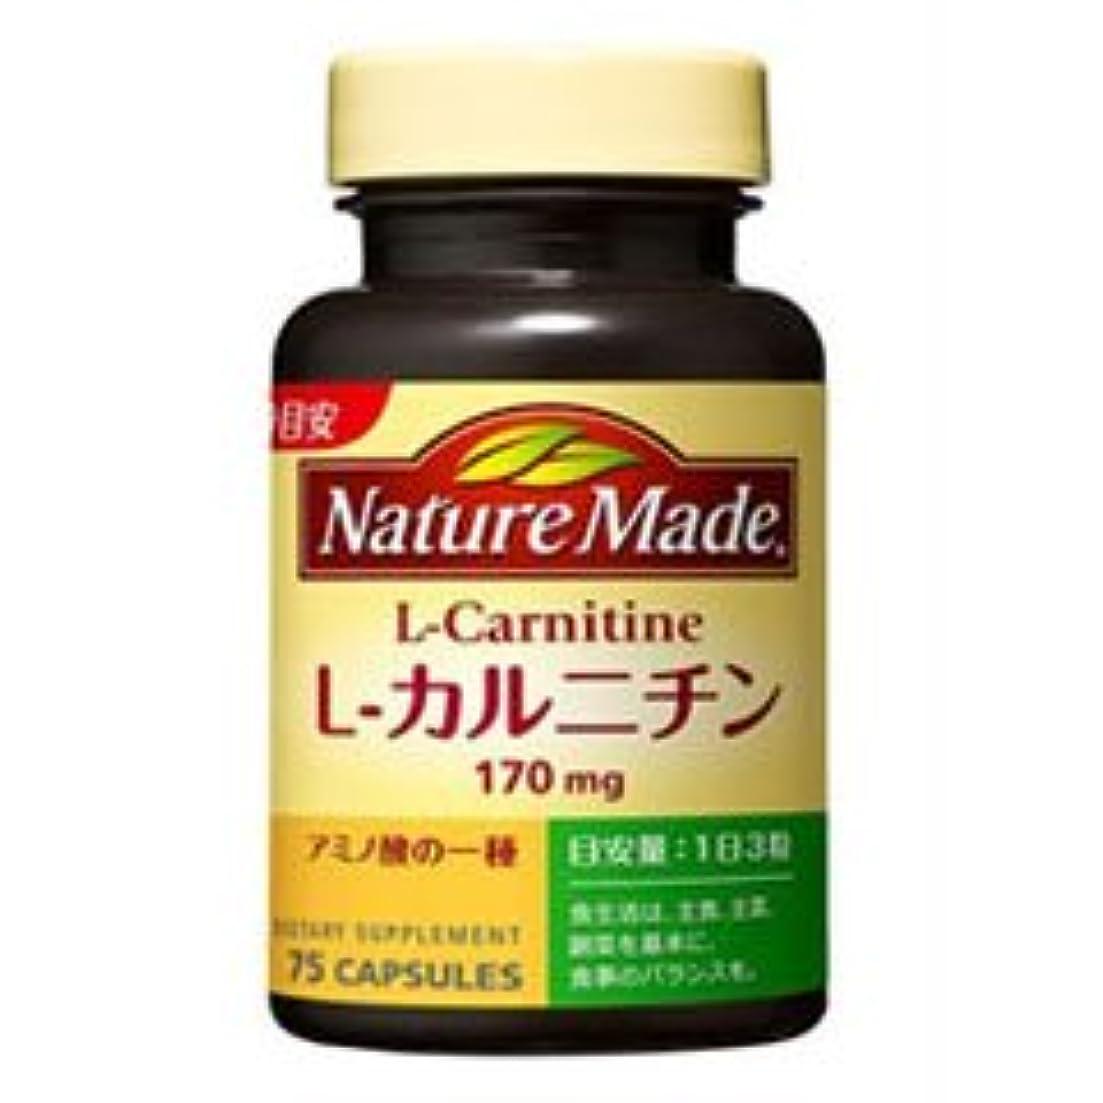 バクテリア戻る貫通【大塚製薬】ネイチャーメイド L-カルニチン 75粒